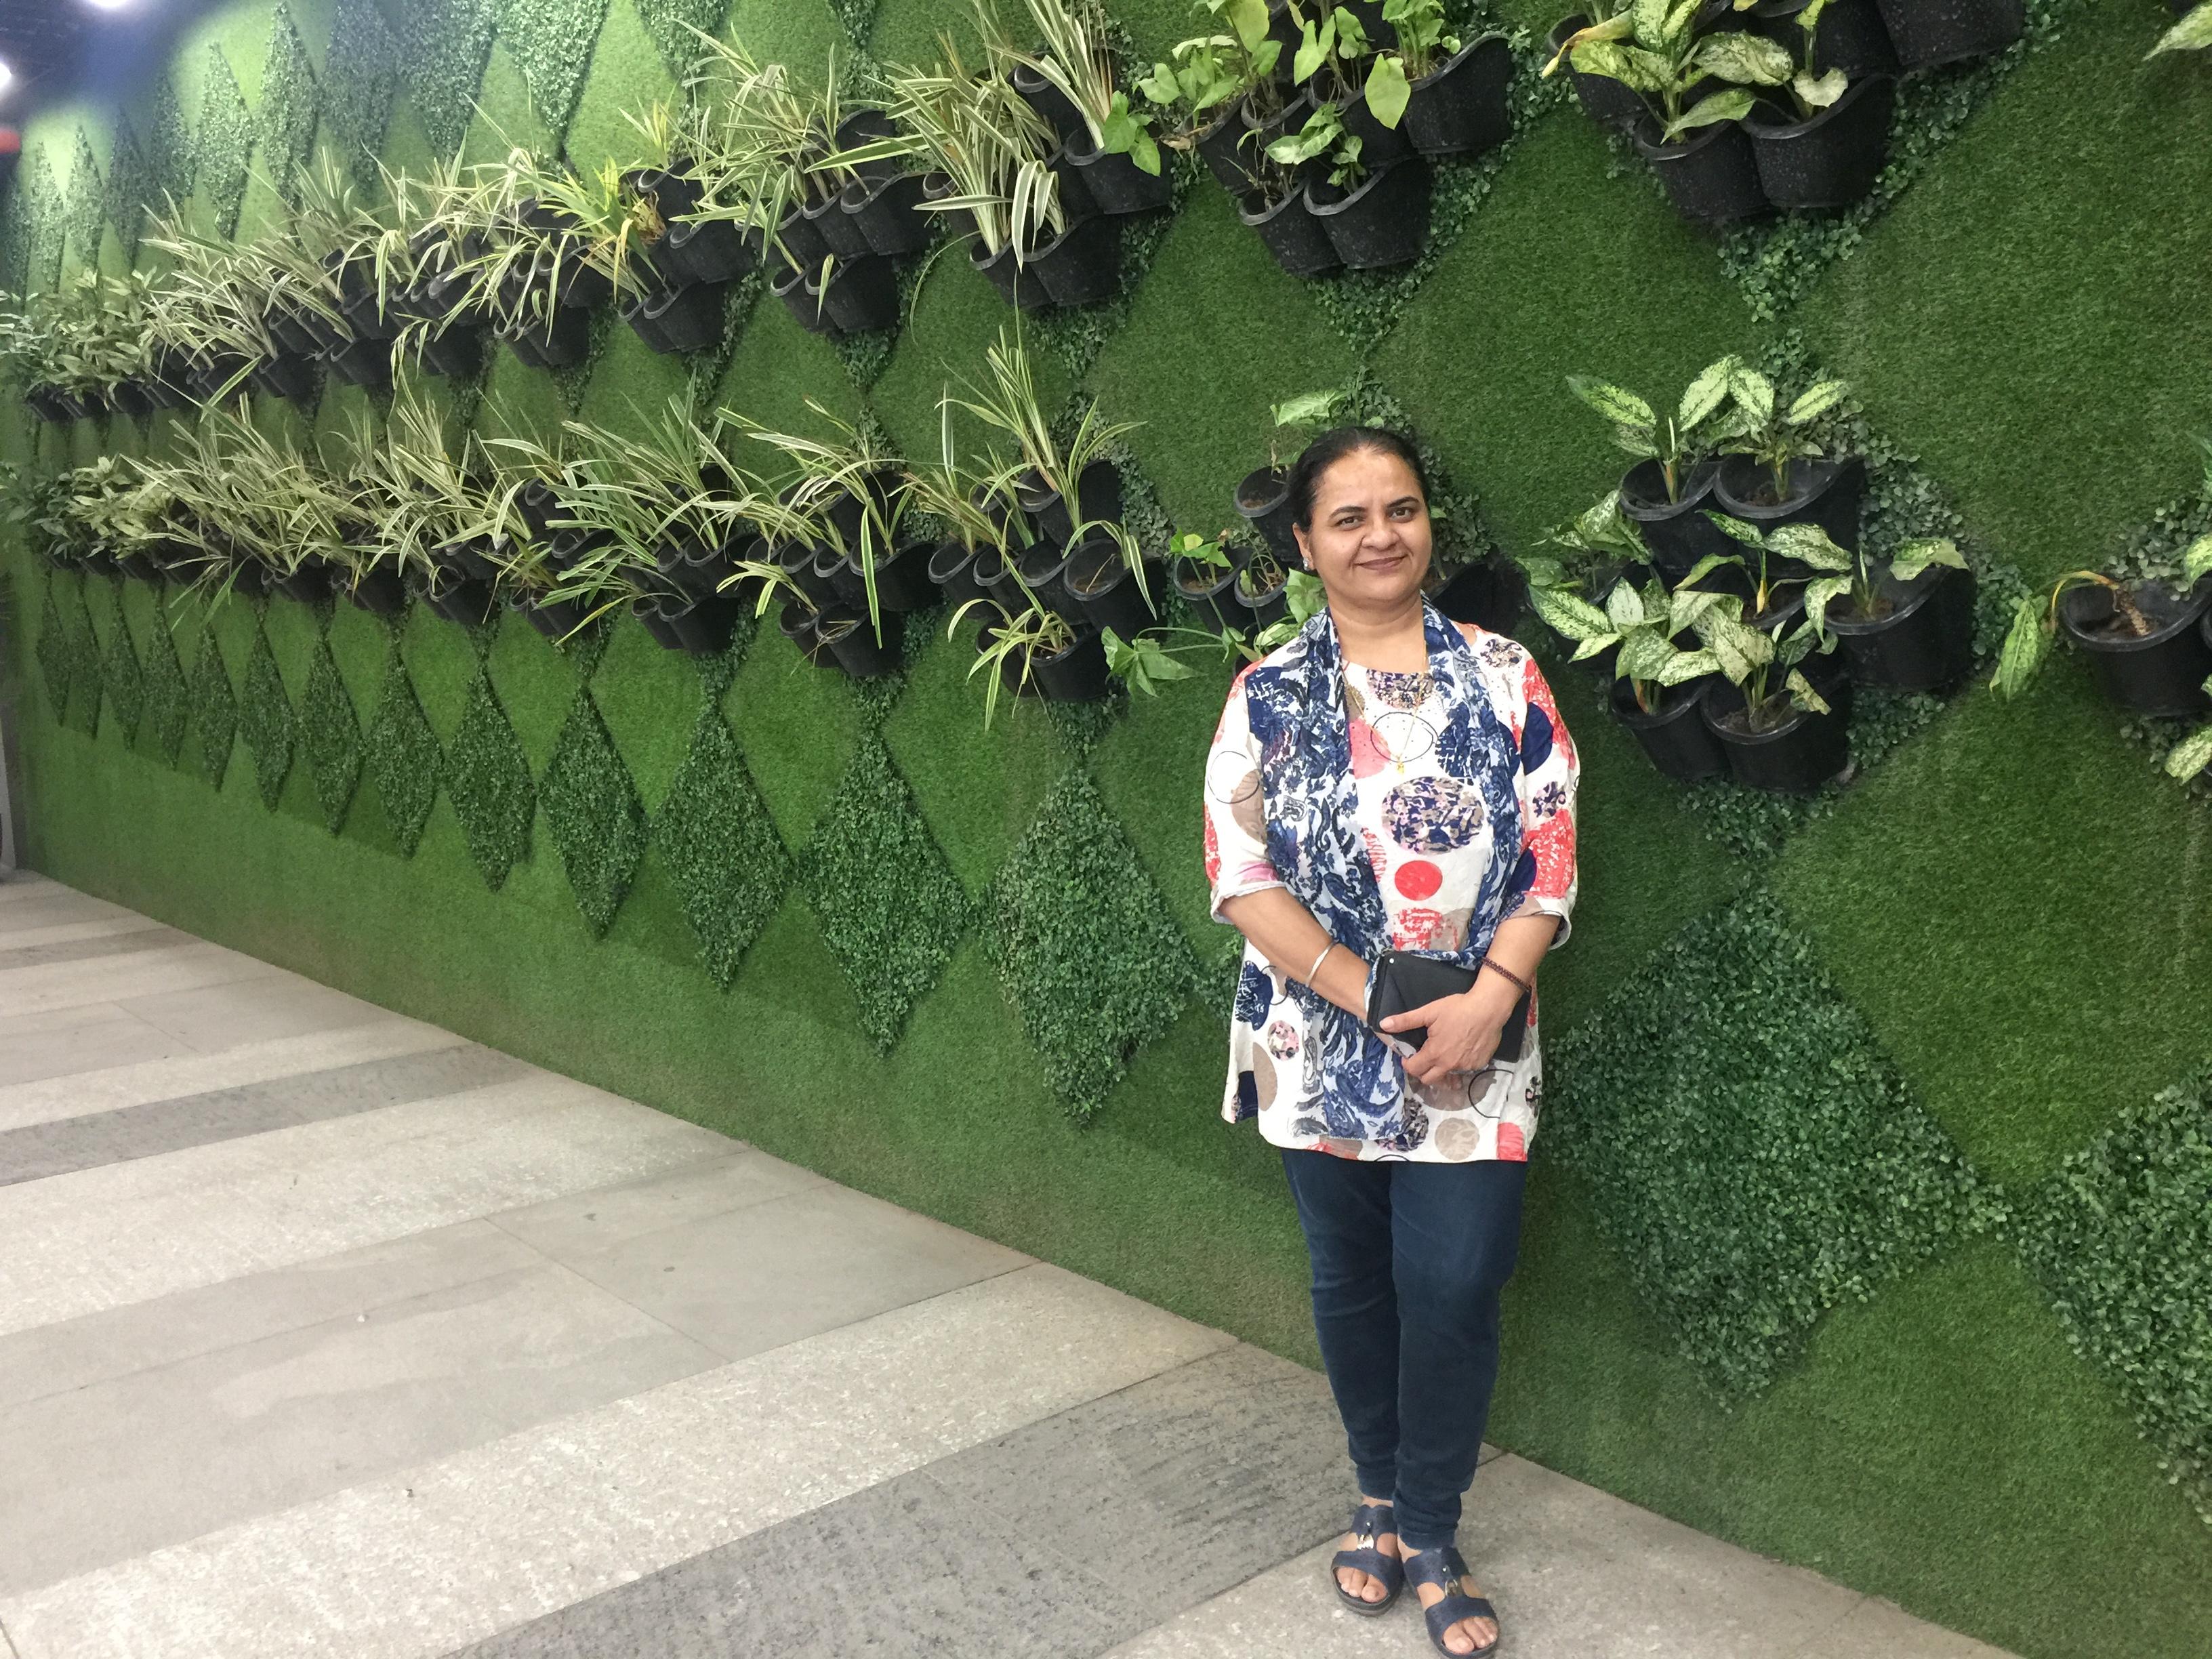 Neena Bhandari